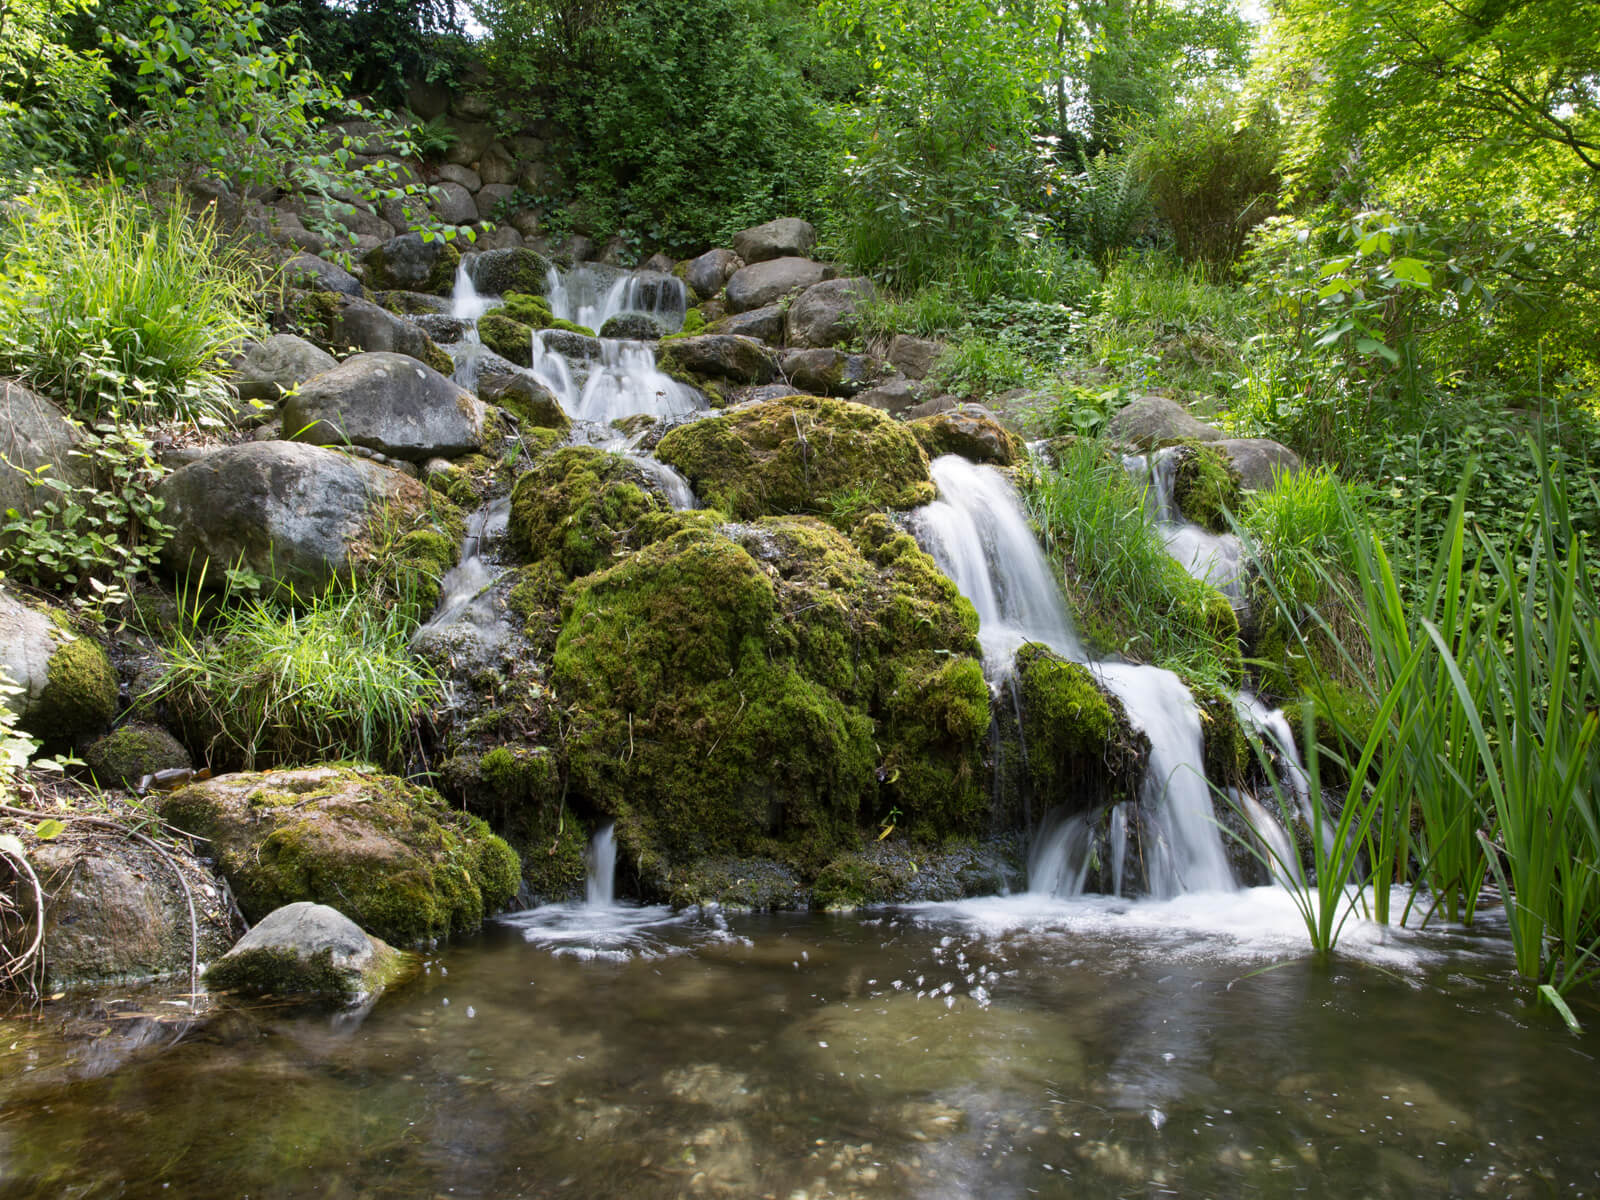 Der Wasserfall des Schmutterparks. Foto: Ulrike Klumpp